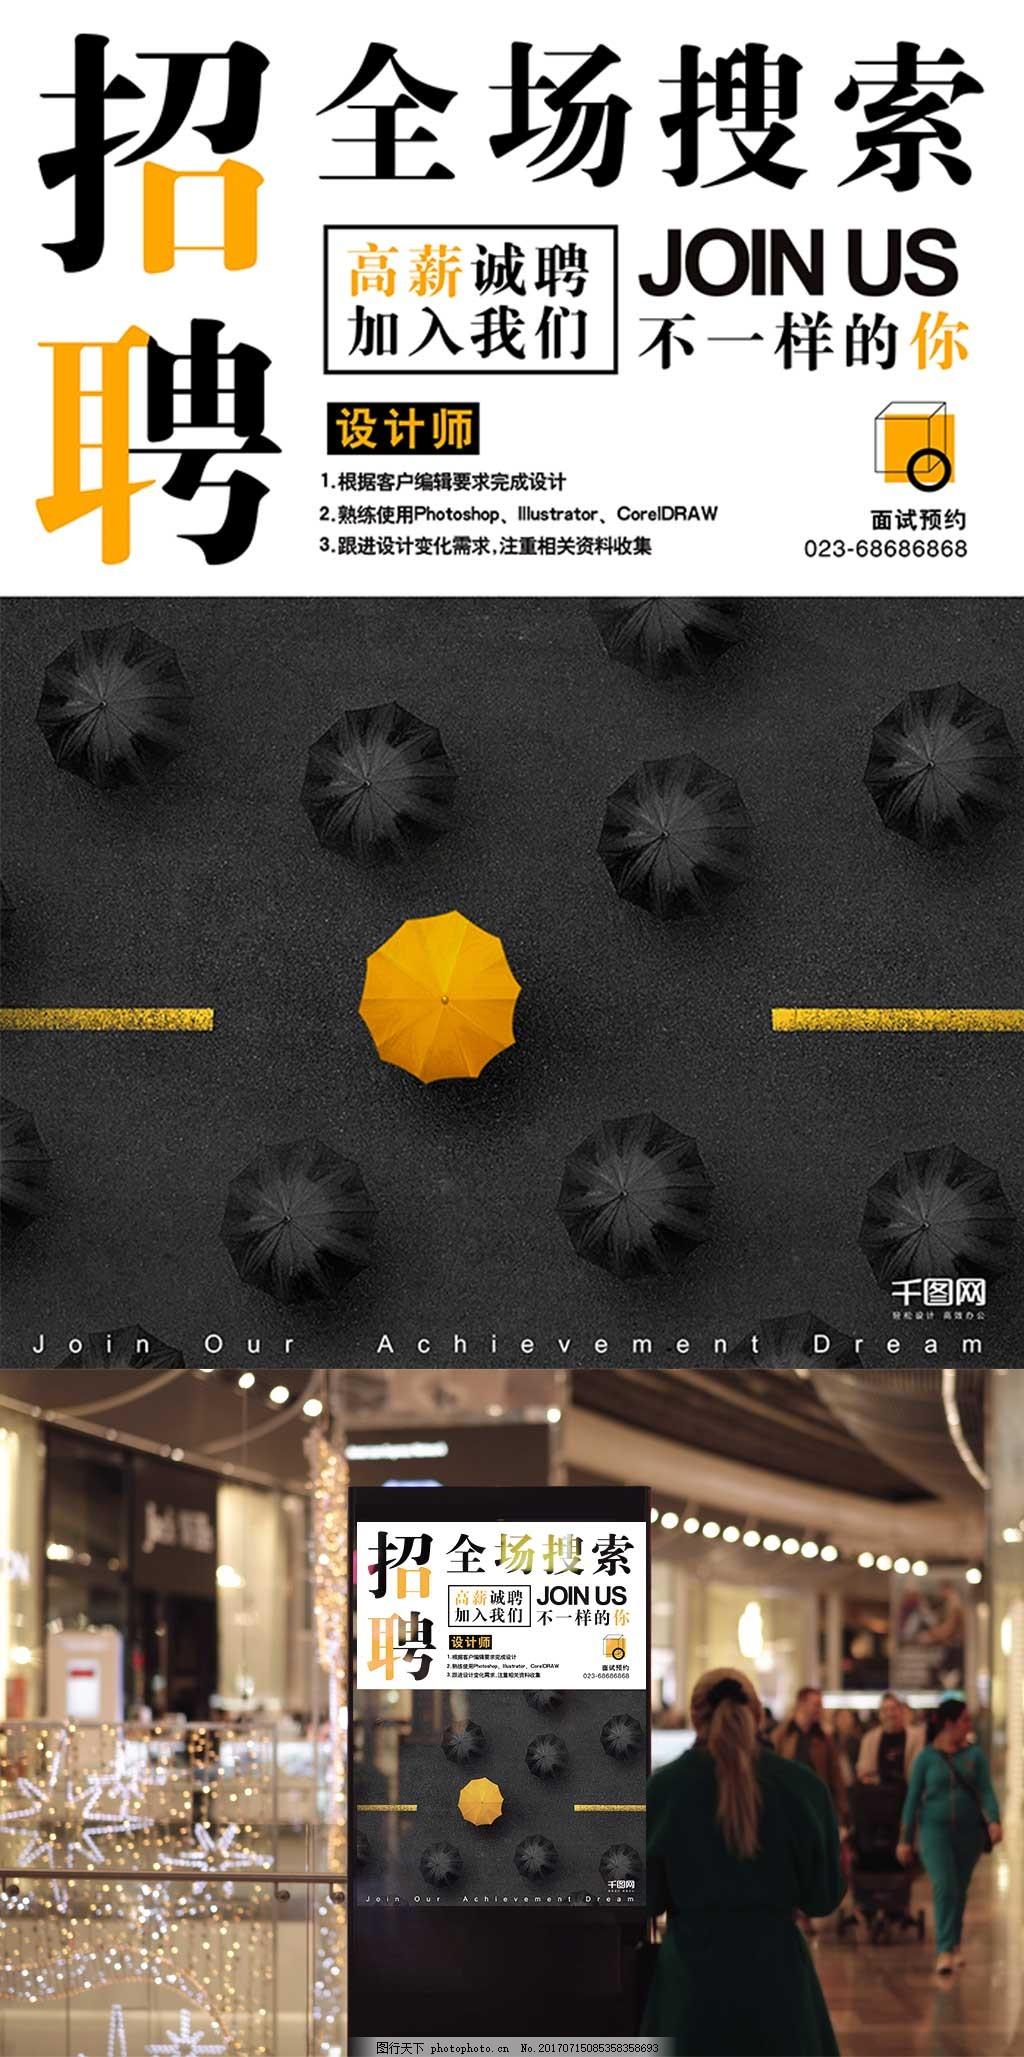 大气黑金伞招聘创意简约商业海报设计模板 金点子 特别 黄黑 创意排版